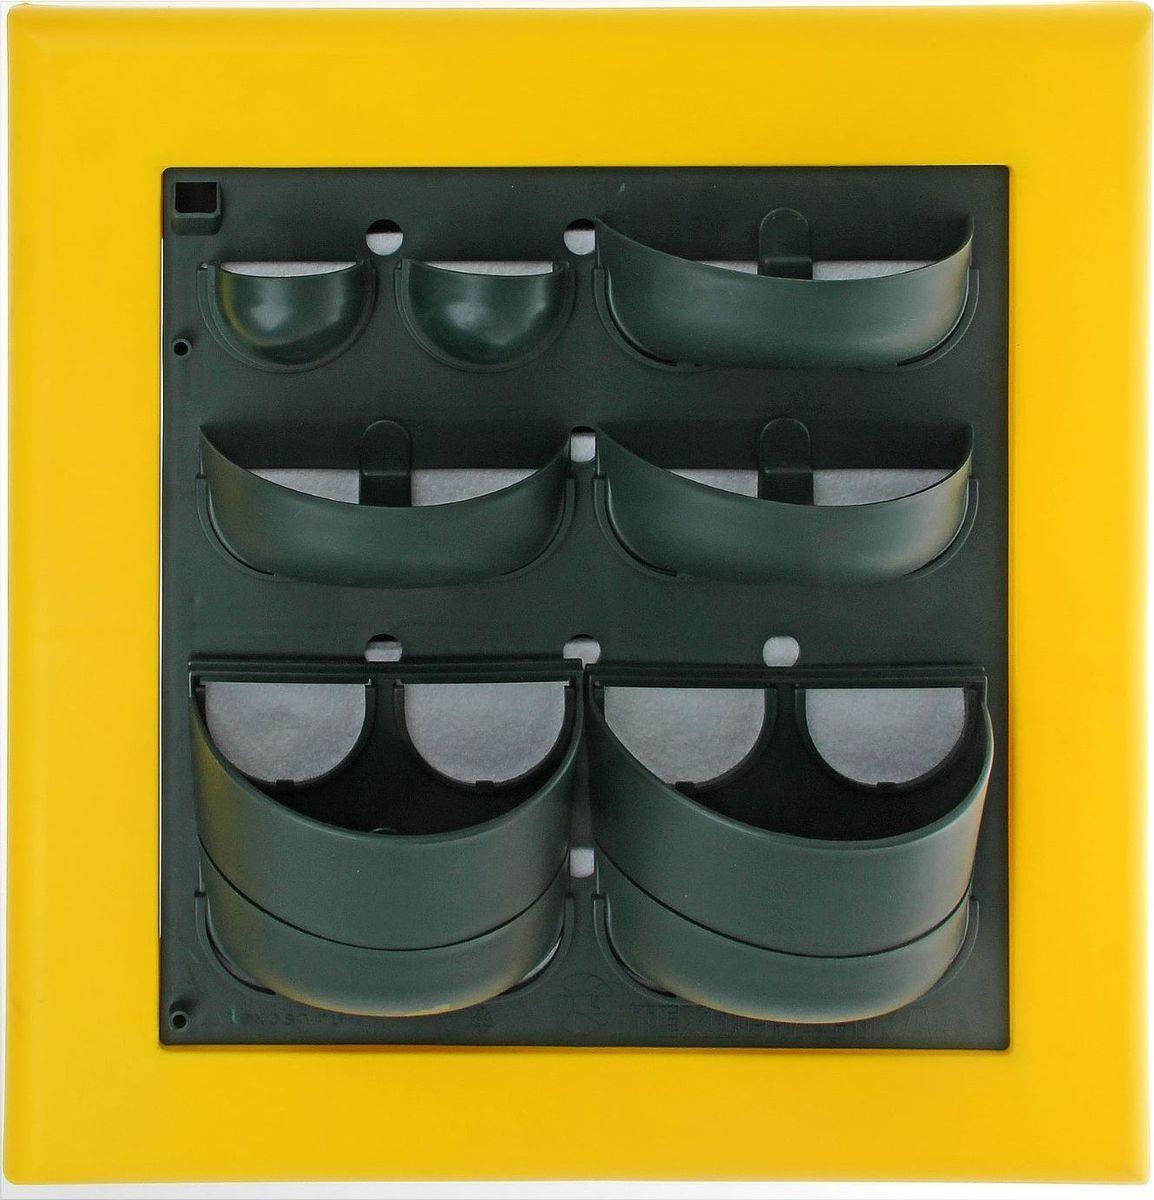 Кашпо Техоснастка Фитокартина, настенное, цвет: желтый, 59 х 58 х 13 см1533176Любой, даже самый современный и продуманный интерьер не будет выглядеть завершённым без растений. Они не только очищают воздух и насыщают кислородом, но и заметно украшают окружающее пространство. Такому полезному &laquo члену семьи&raquoпросто необходим красивый и функциональный &laquo дом&raquo . Наше предложение &mdashфитокартина! Благодаря съёмным блокам-кашпо вы сможете создать любую композицию на свой вкус. Как собирать? Распакуйте фитопанель, подготовьте необходимое количество растений.Возьмите маленький горшок и разместите в нем водопроводящий картридж (входит в комплект).Разместите подходящее по размеру растение в горшке.Поместите картридж с растением между передней частью панели и капиллярным матом.Закрепите горшок с растением на фитомодуле.Вставив в каждую выемку картридж, закрепите на фитомодуле нижнюю часть большого горшка.Затем так же закрепите верхнюю часть большого горшка строго над нижней.Посадите в большой горшок выбранное растение. Ваша фитокартина готова!Фотоинструкция.Рекомендации по поливу Вставьте в левый нижний угол водоотводящую трубку. Медленно заливайте воду в панно через поливочное отверстие. Как только она покажется в трубке, прекратите полив. Опустив трубку вниз, можно слить ненужную жидкость обратно в лейку. Уберите трубку до следующего орошения. Режим полива зависит от температуры и влажности в помещении, состава грунта, интенсивности освещения, возраста и типа растения и многих других факторов. Частота может варьироваться от 2 до 4 недель. Чтобы растение легко прижилось в новом горшке, рекомендуем первые 3?4 недели производить полив не через трубку, а напрямую в грунт, используя лейку с узким носиком. Создавать красоту просто! Наполните свой дом прекрасными цветами, а мы позаботимся о низкой цене и высоком качестве от российского производителя.&nbsp